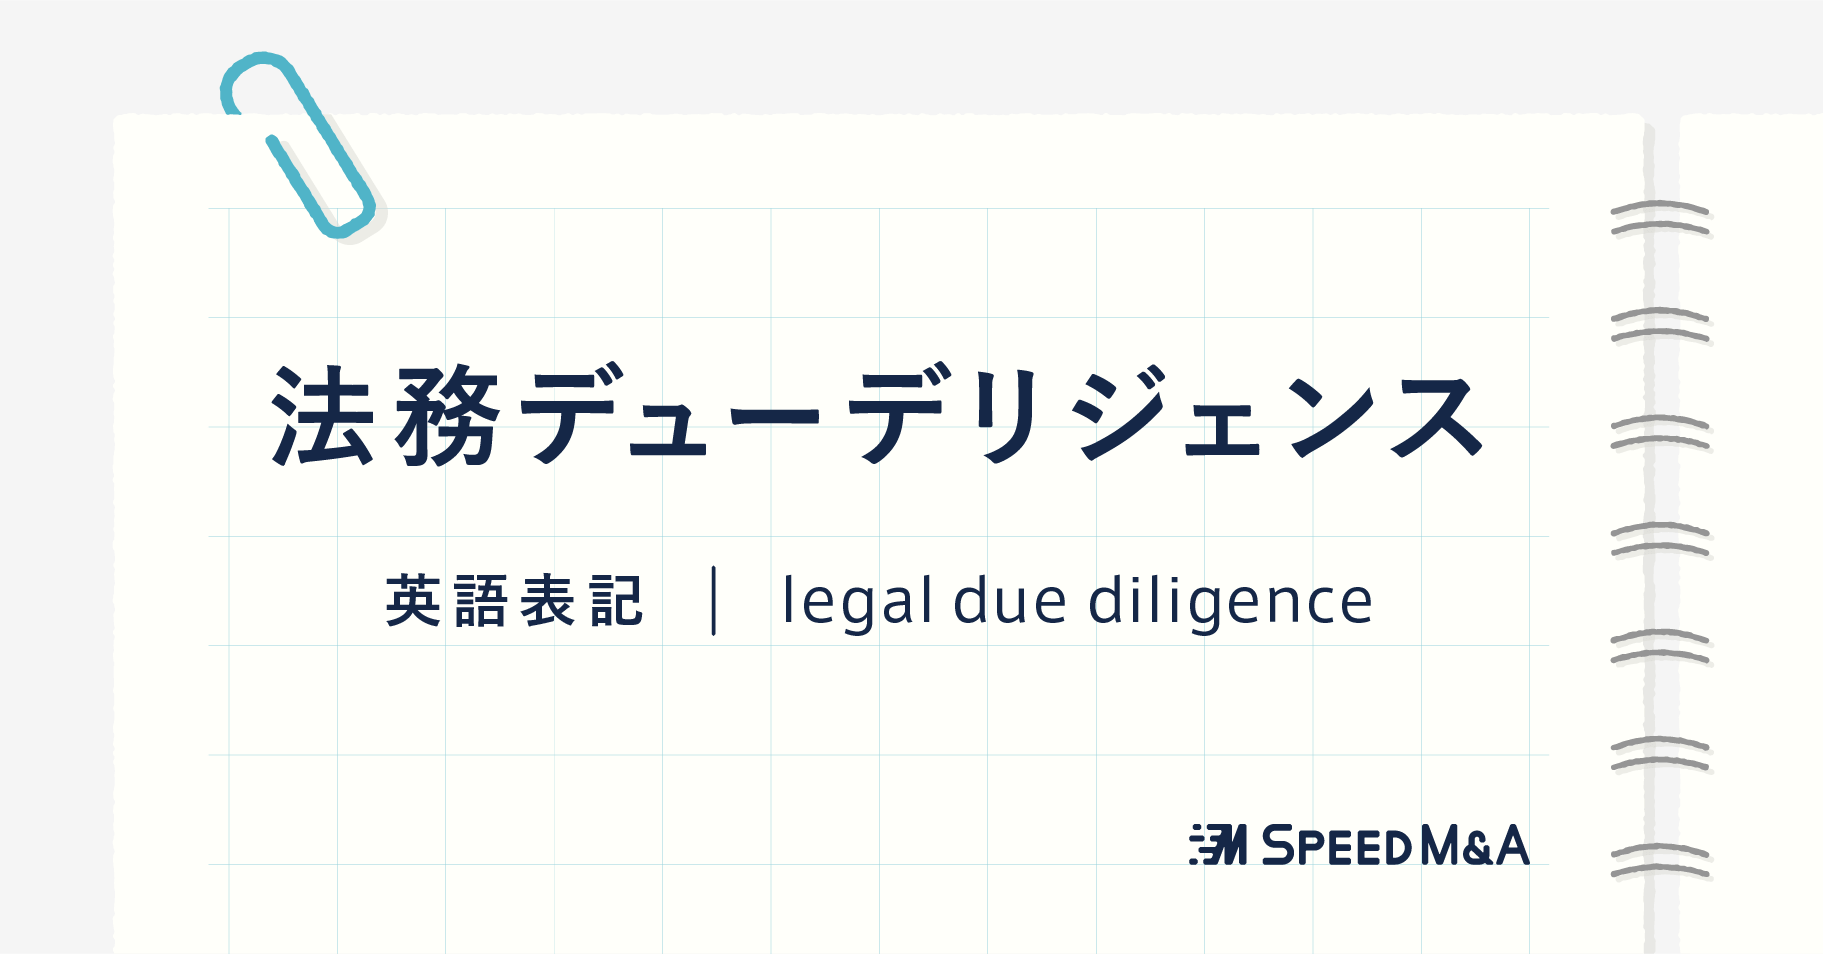 法務デューデリジェンスとは